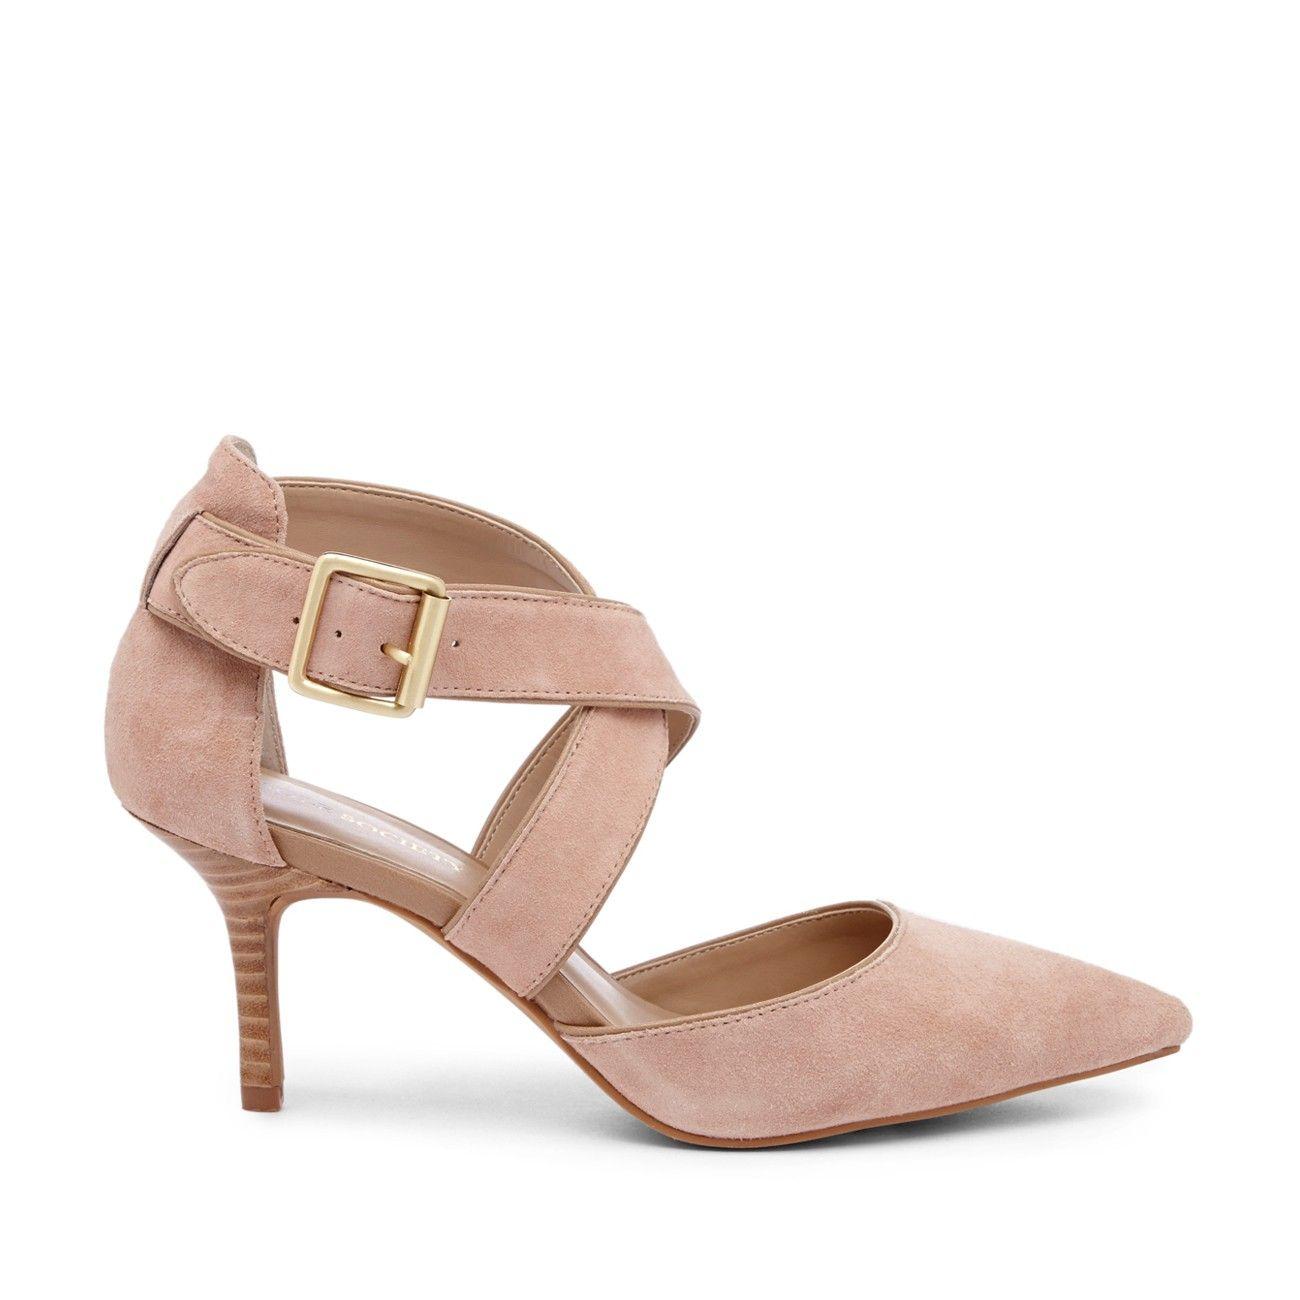 52373c73 Pin de Alecia Mancuso en Wear It | Zapatos, Zapatos dama y Moda y ...